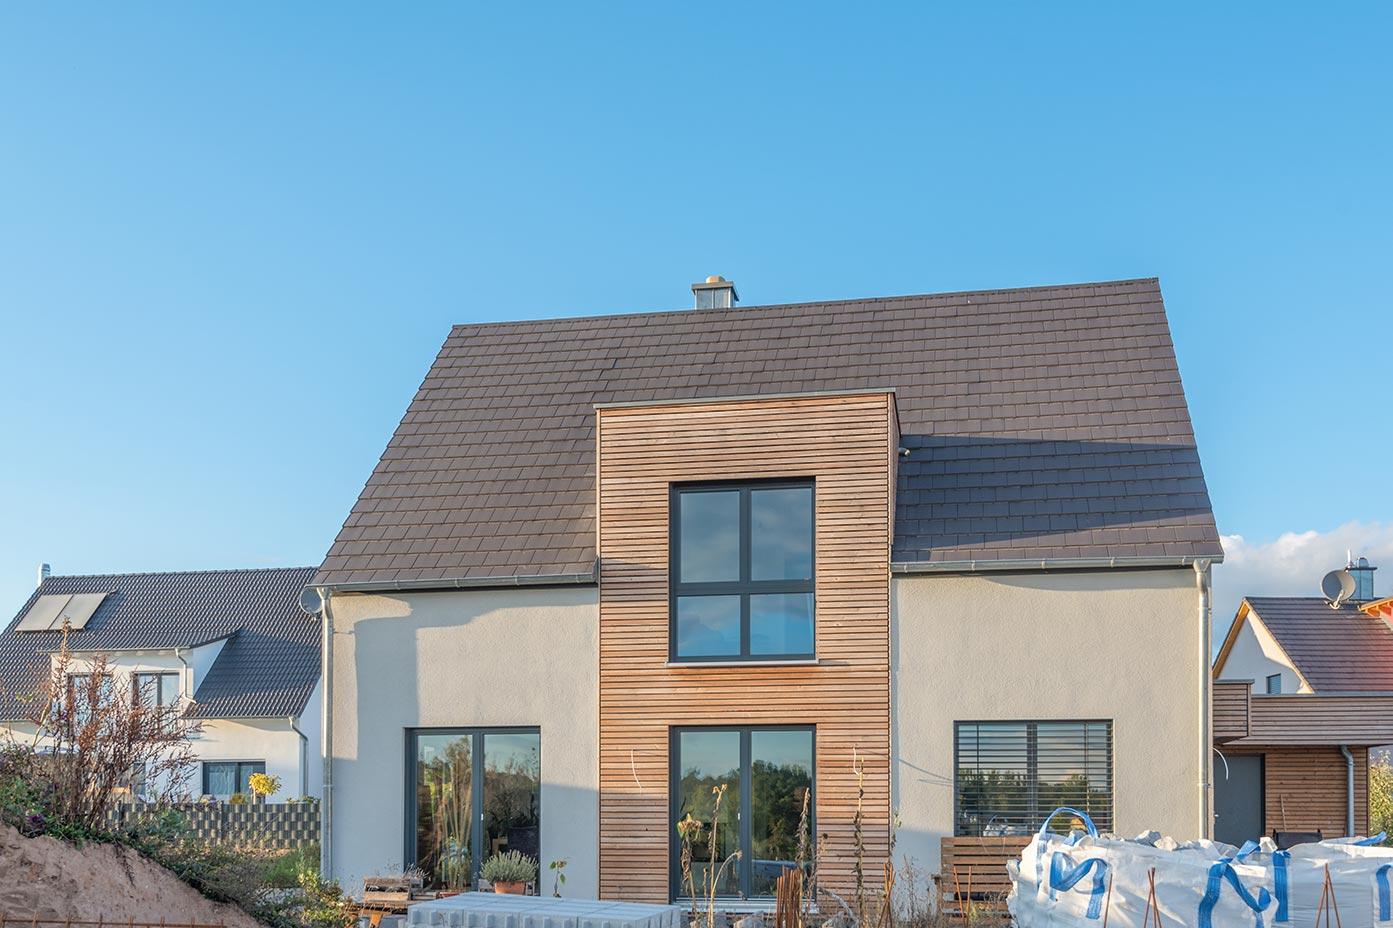 Bei der Planung der Fenster im Eigenheim sollte immer von Innen nach Außen vorgegangen werden: In erster Linie erfüllen die Fenster eine Funktion im Innenraum und bilden in zweiter Linie eine schöne Außenfassade.